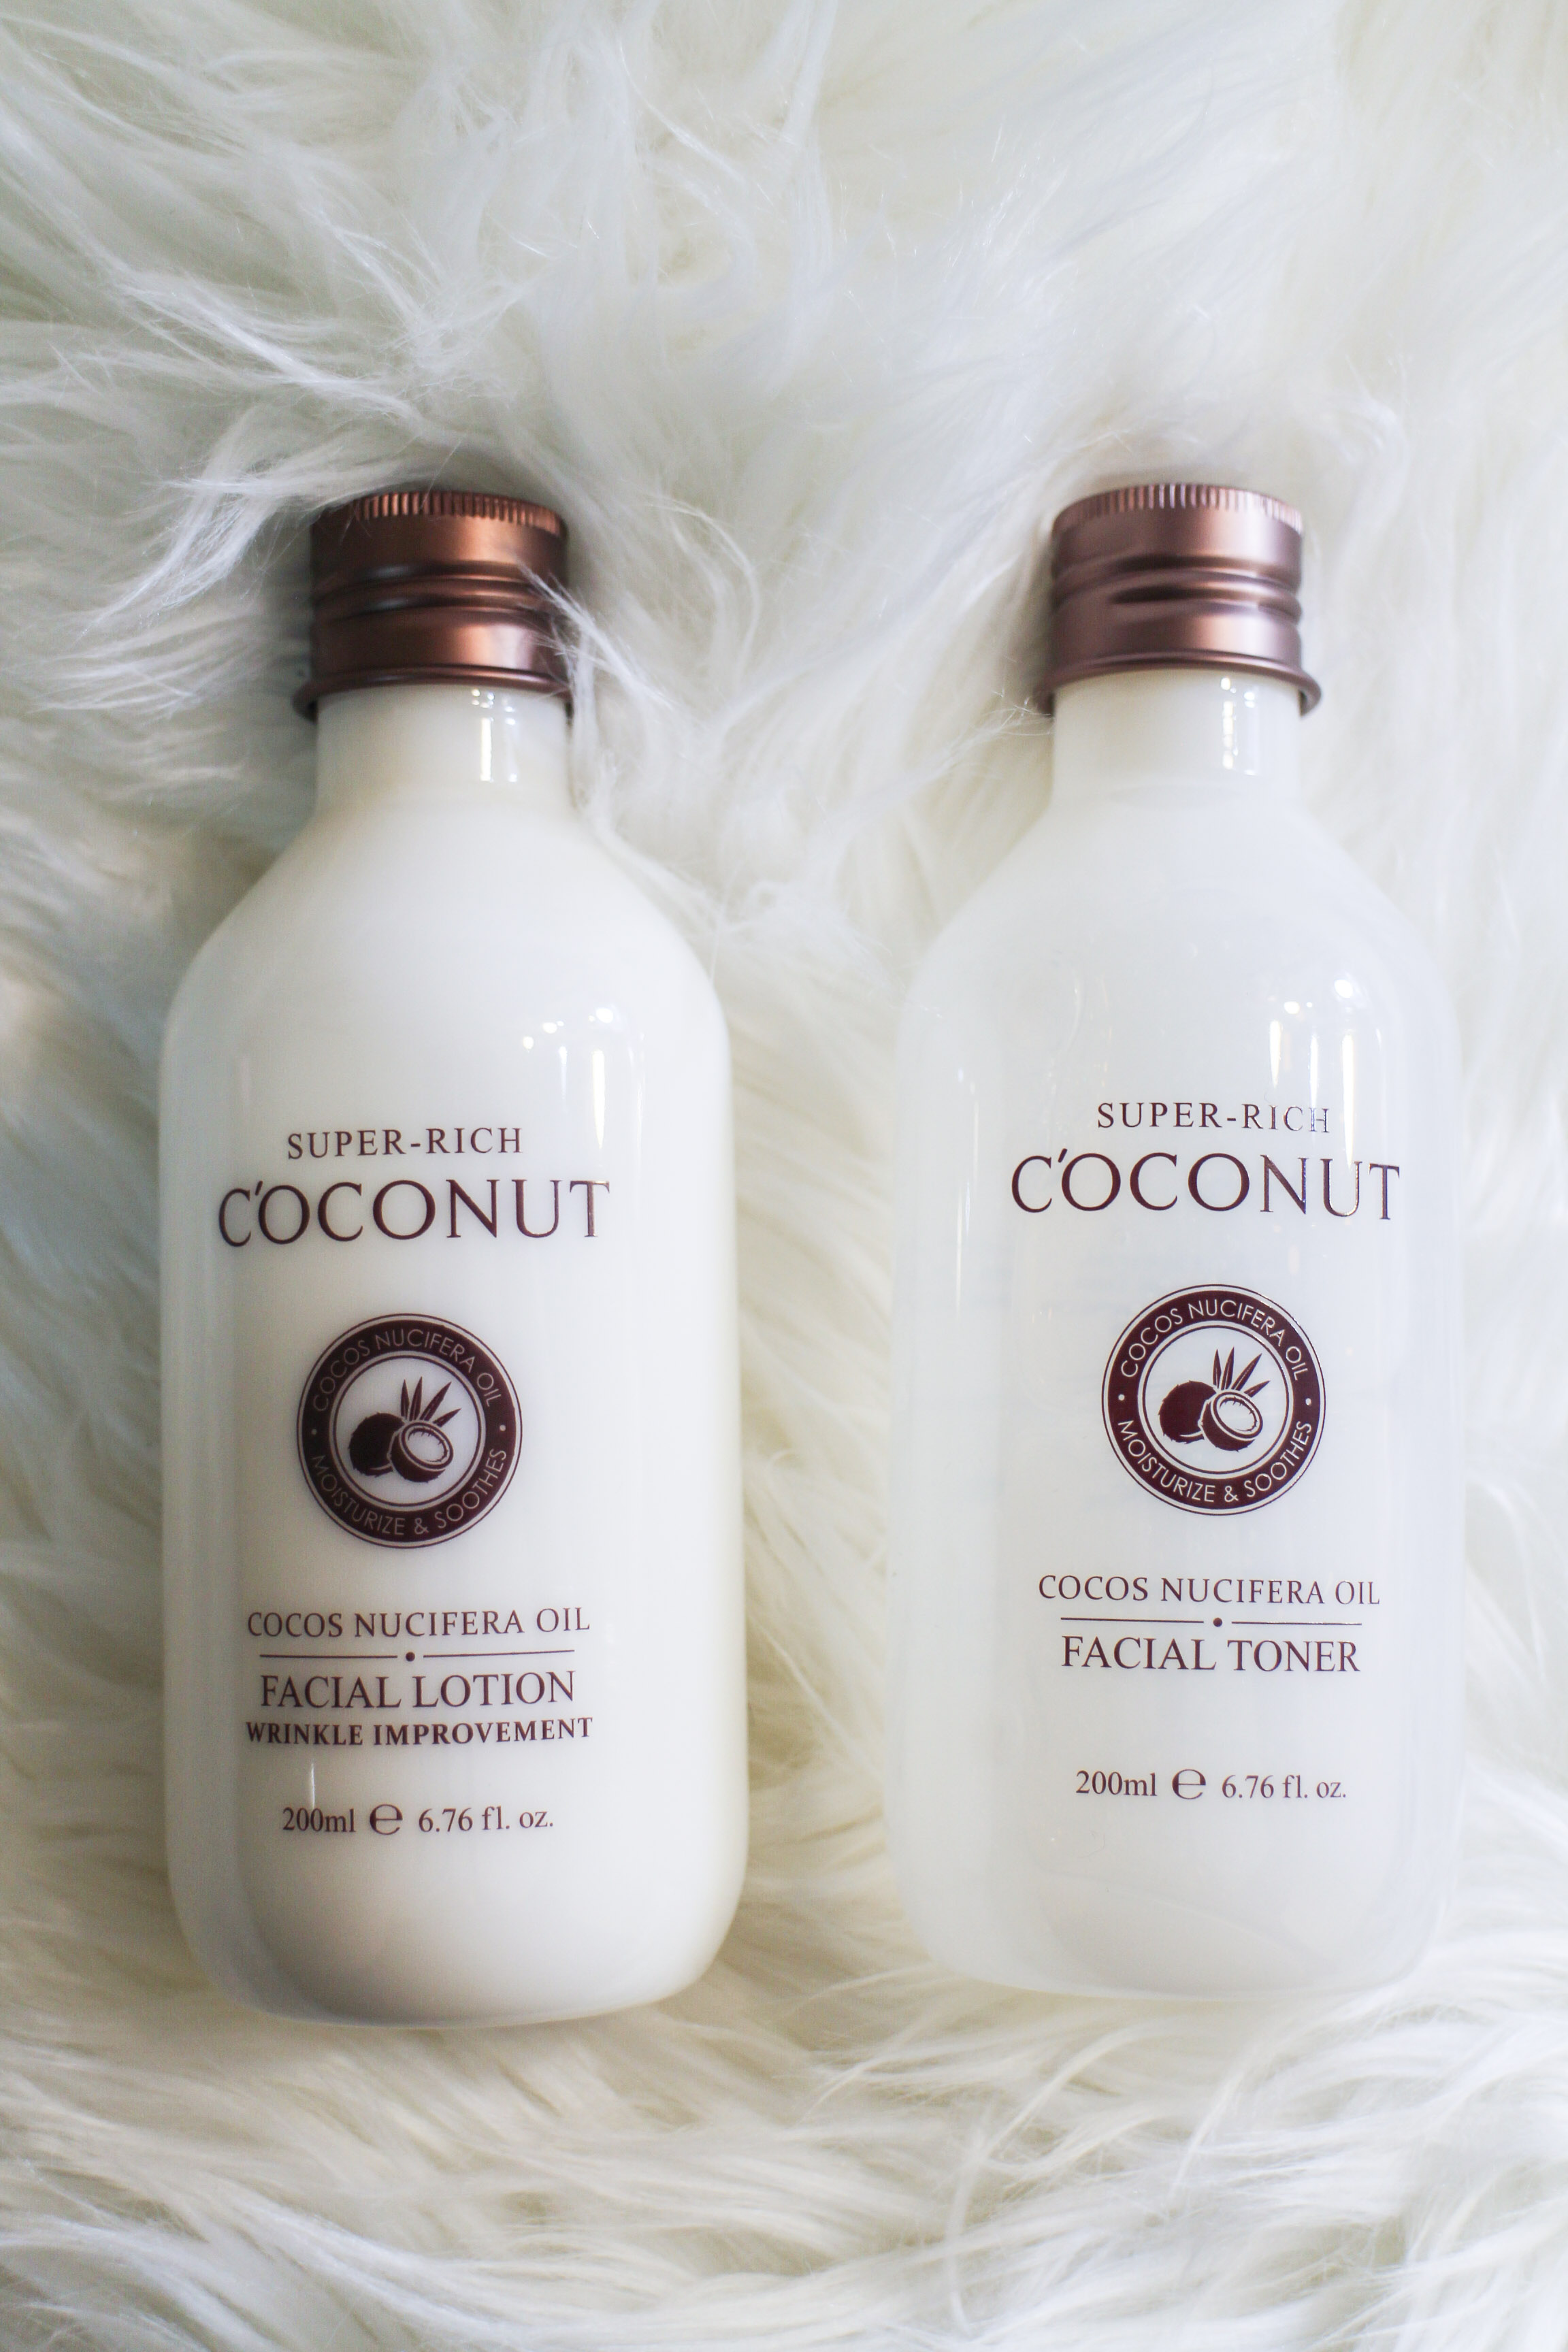 Esfolio Coconut Facial Lotion